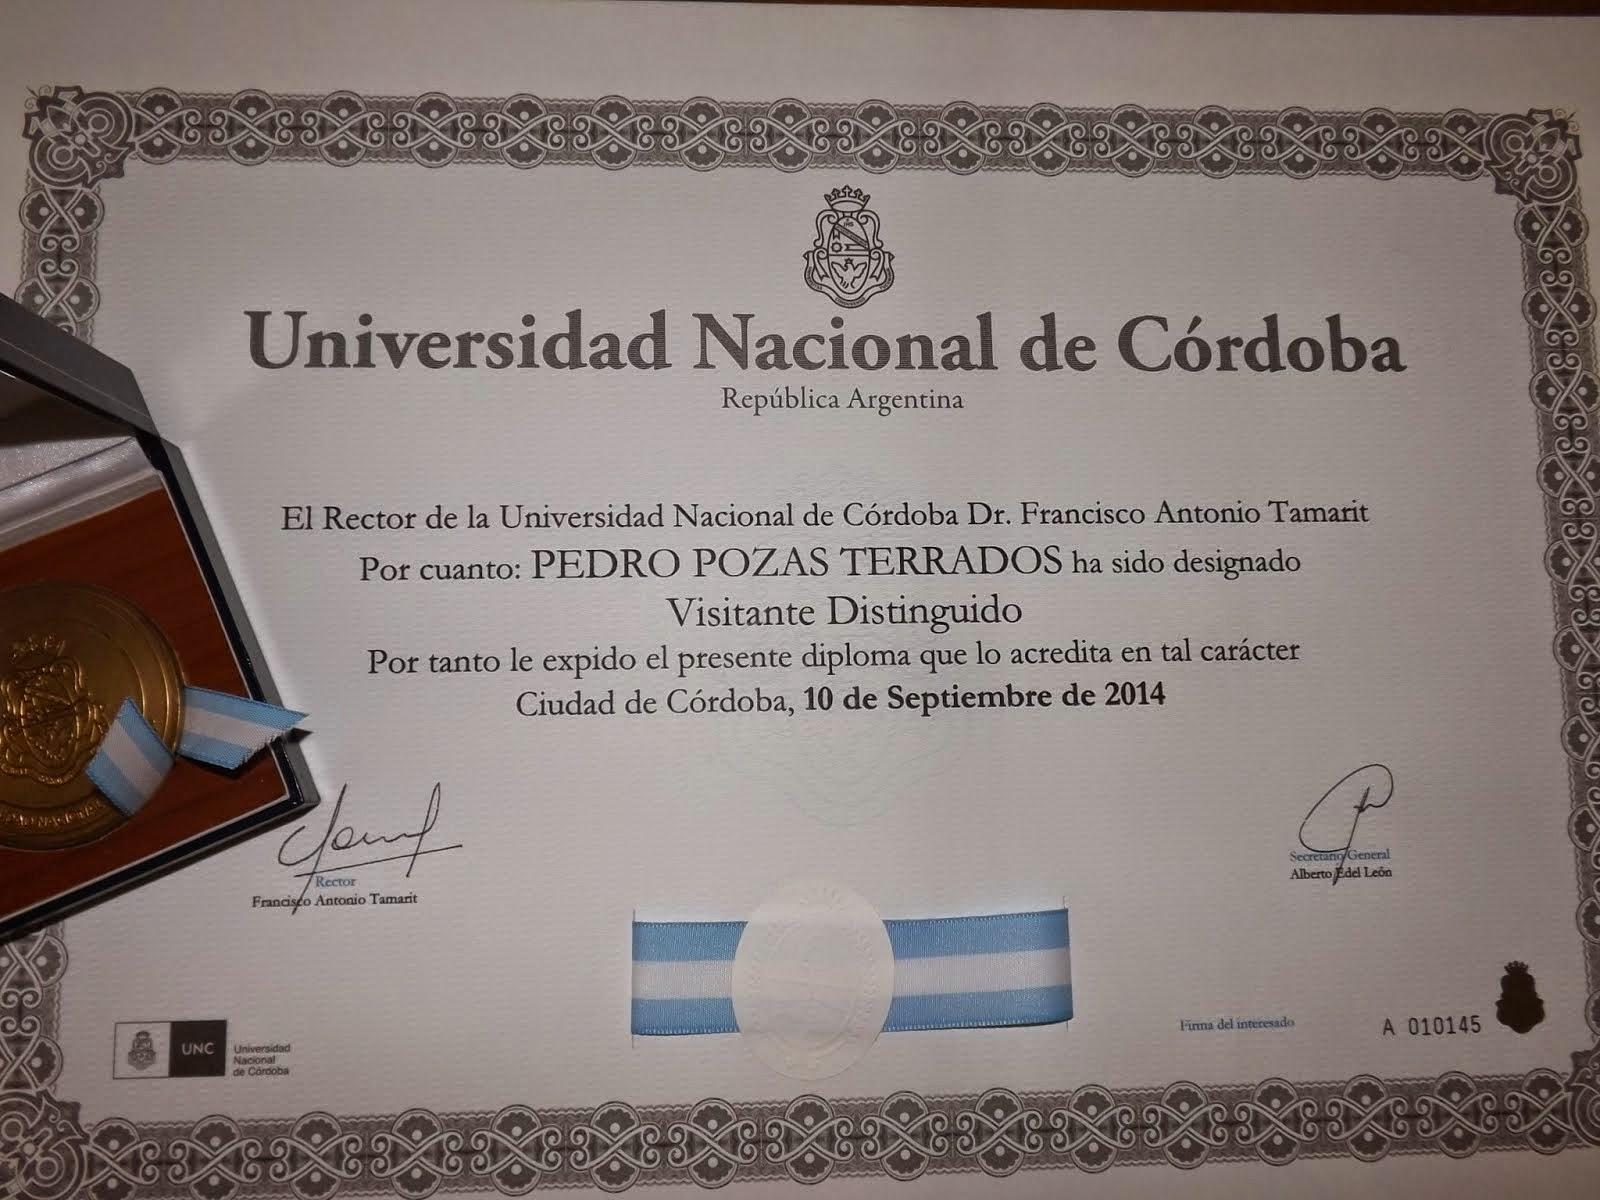 """MÁXIMA DISTINCIÓN: """"VISITANTE DISTINGUIDO""""  POR LA UNIVERSIDAD NACIONAL DE CÓRDOBA (ARGENTINA)"""